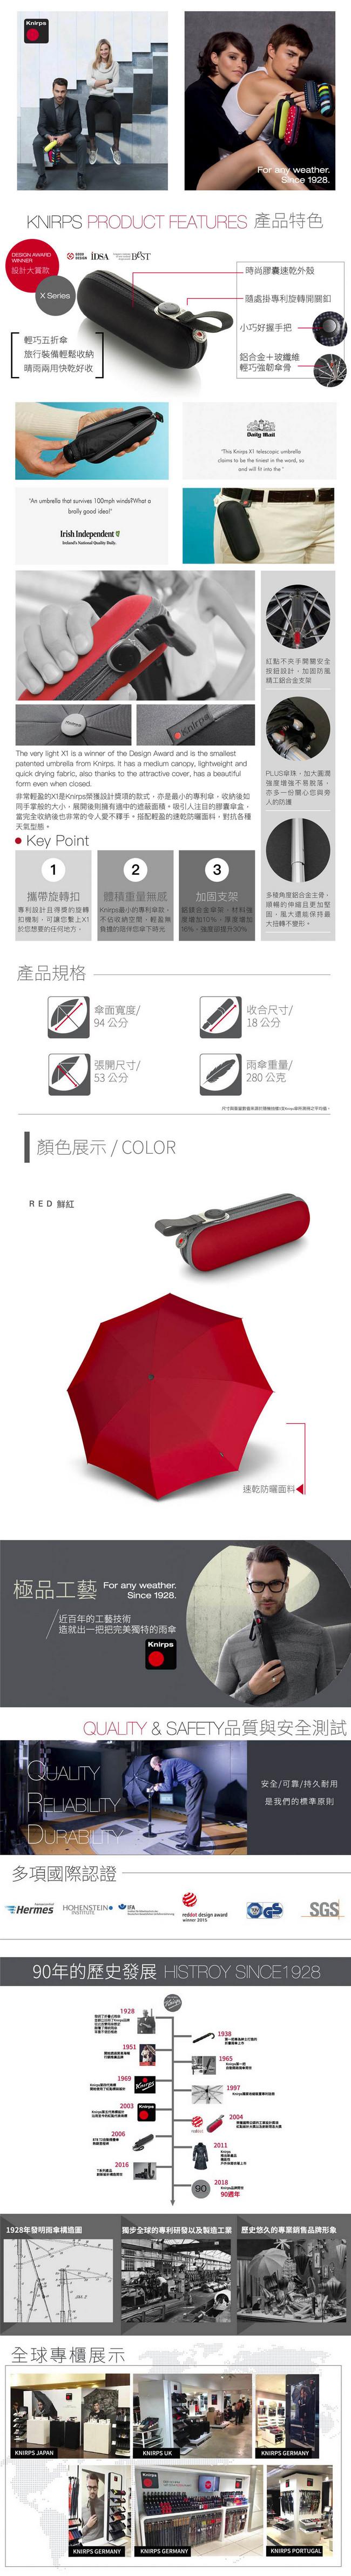 (複製)Knirps德國紅點傘|X1 膠囊五折傘-Dark Grey